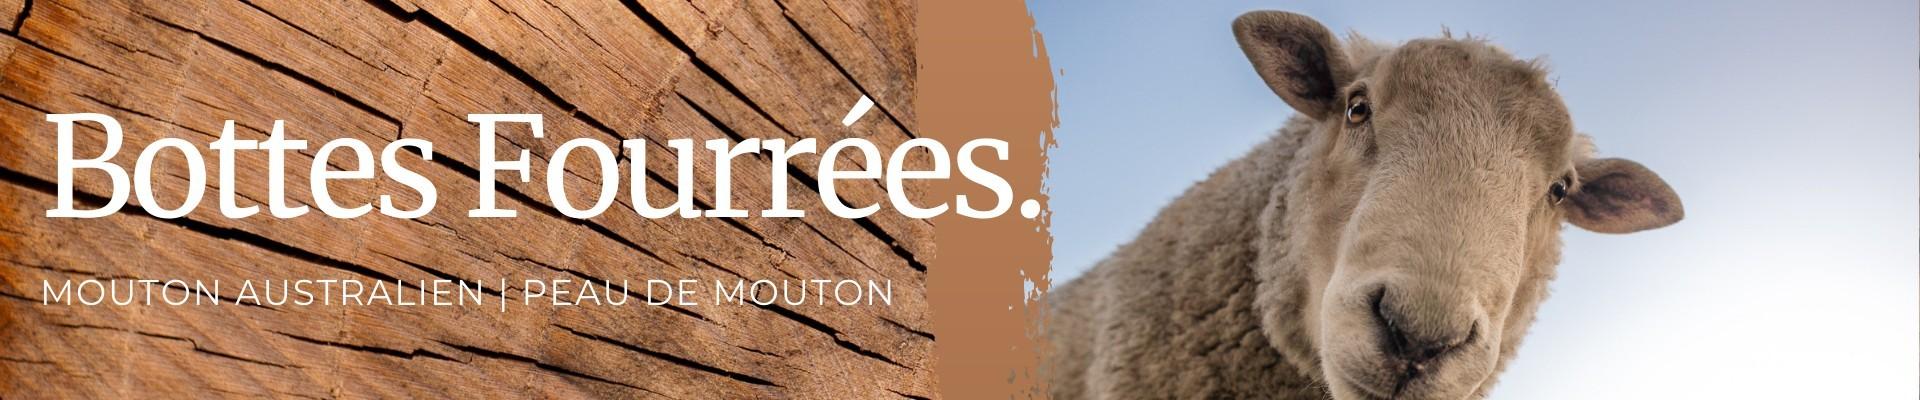 Bottes Fourrées Mouton